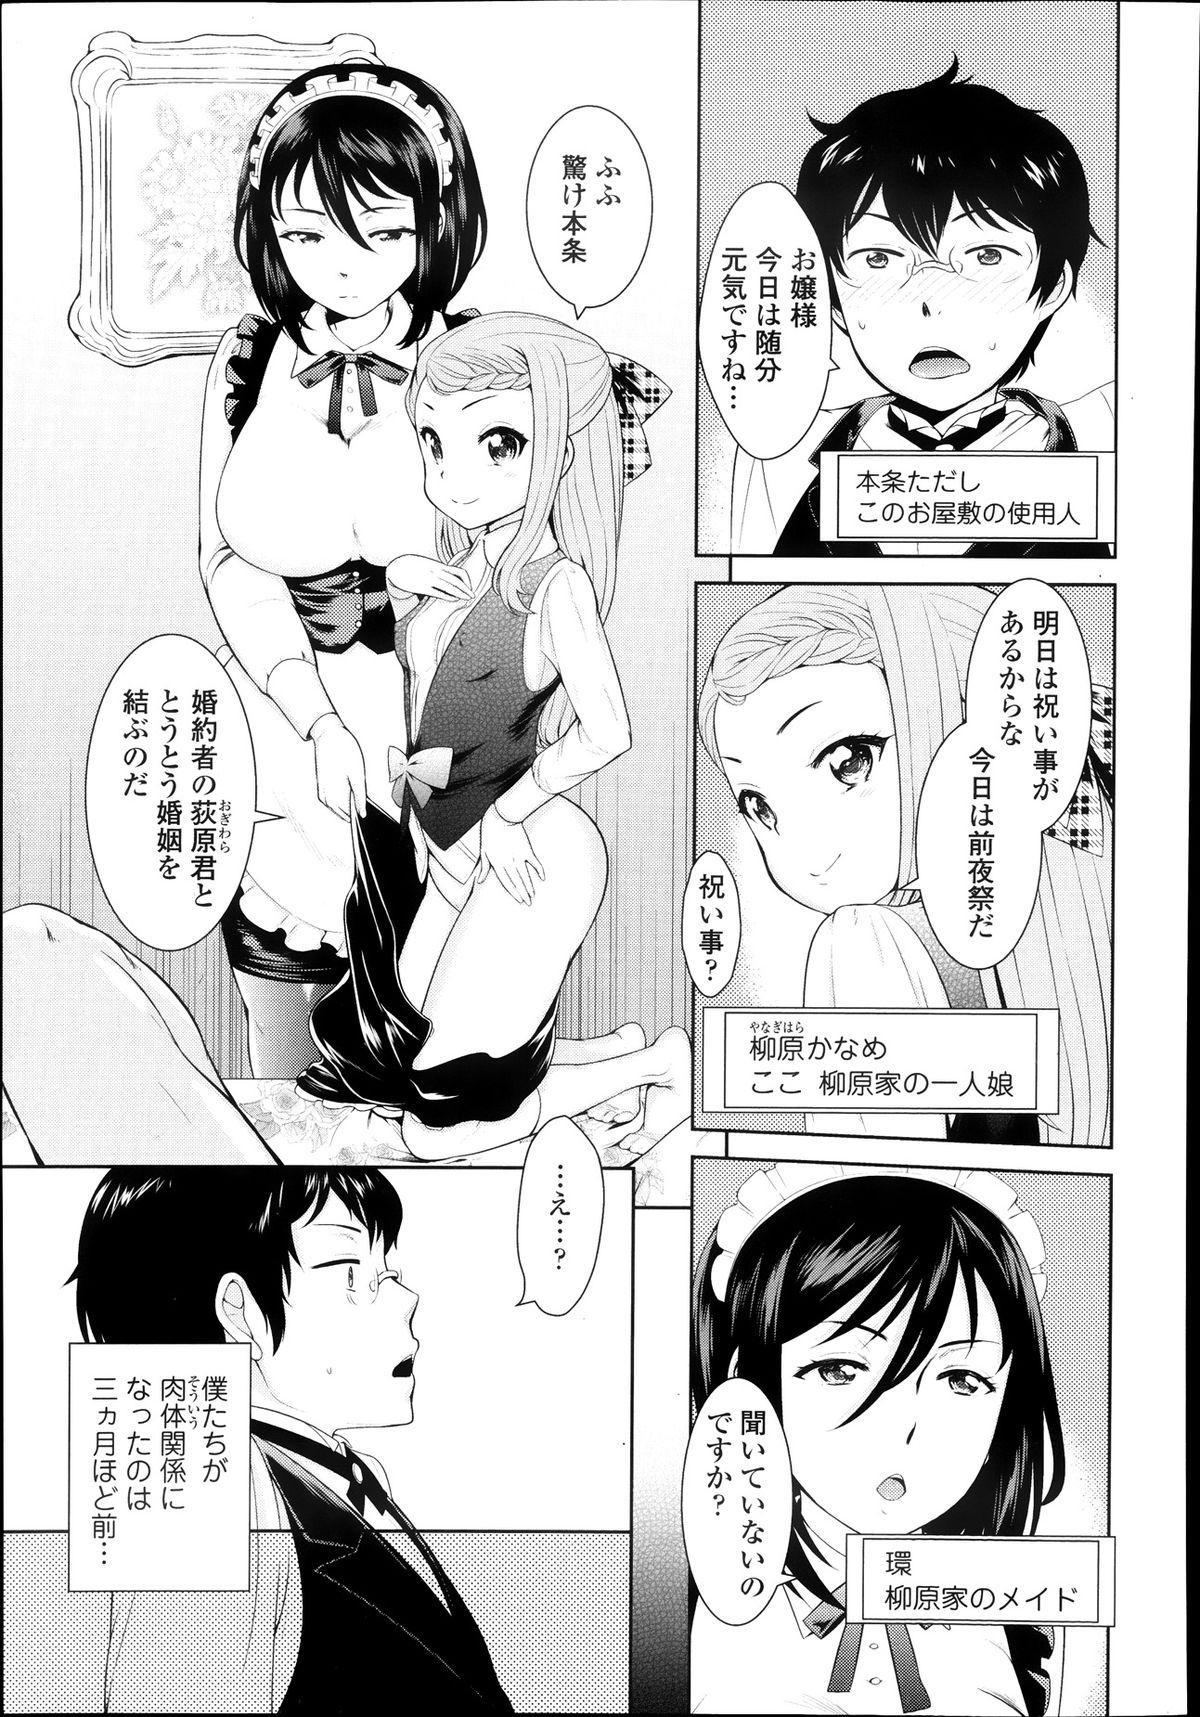 [Uesugi Kyoushirou] Matte Kudasai Ojou-sama   Yappari Suki desu, Ojou-sama 2